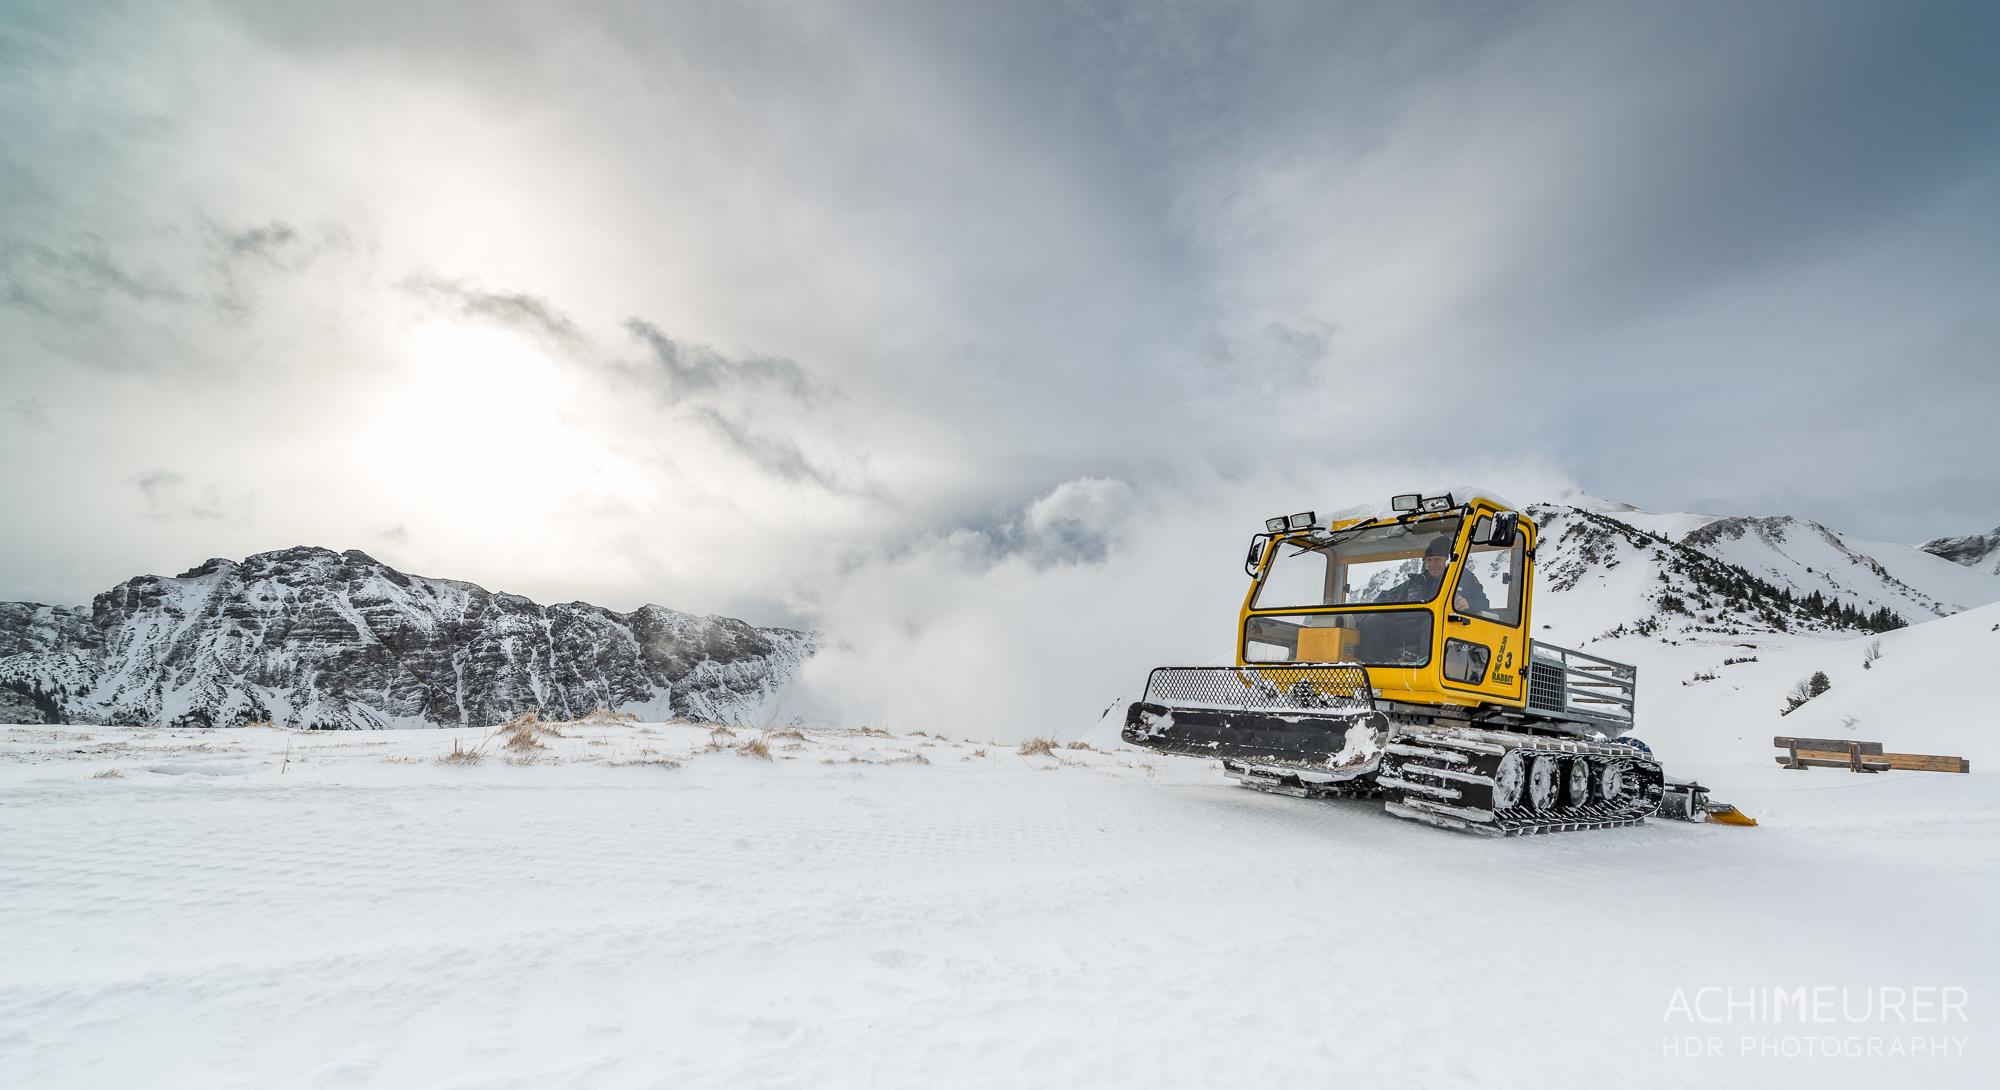 Die-schoensten-Winterfotos-Winterlandschaft-25 by Achim Meurer.